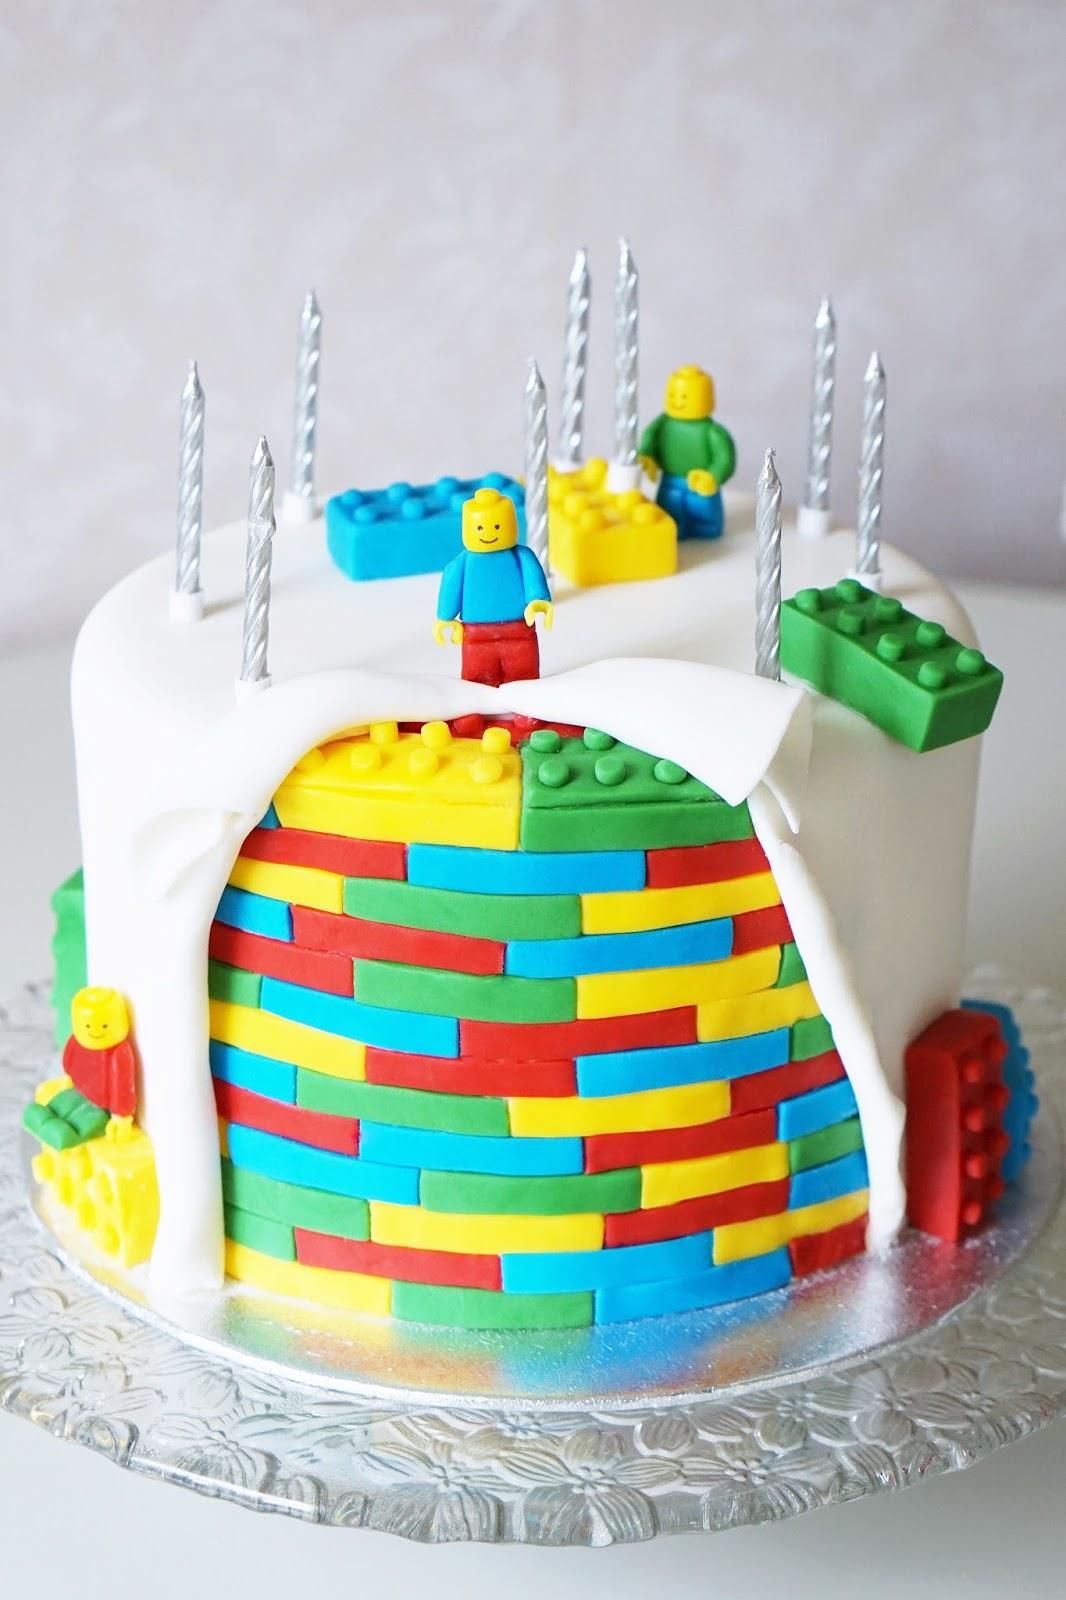 Eves Fika Arons Birthday Cakes